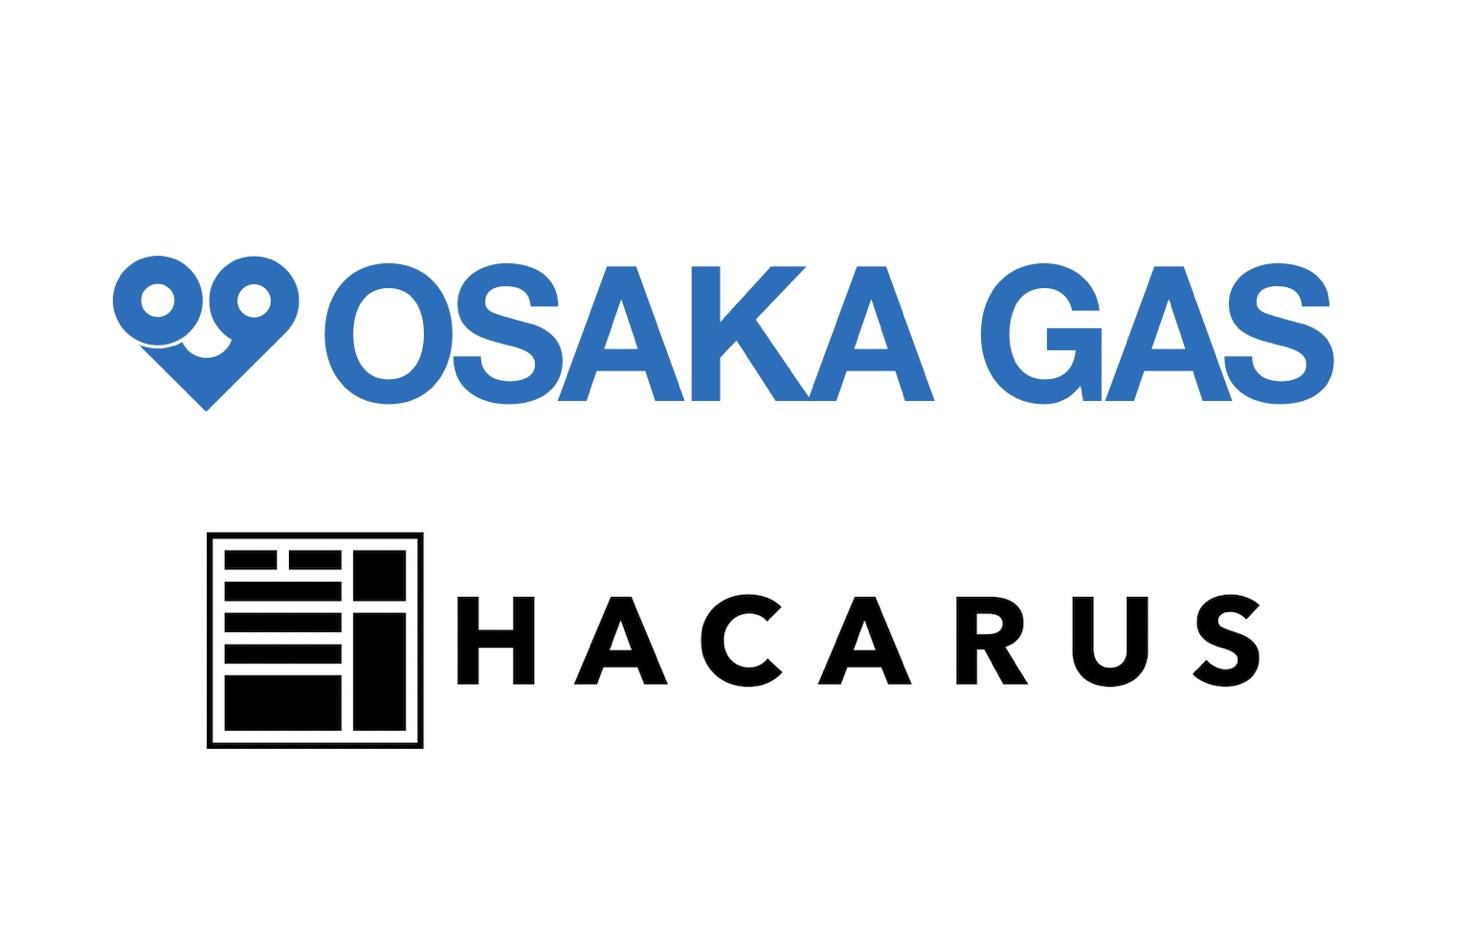 ハカルス×大阪ガス | AI・IoTソリューション共同開発の検討開始